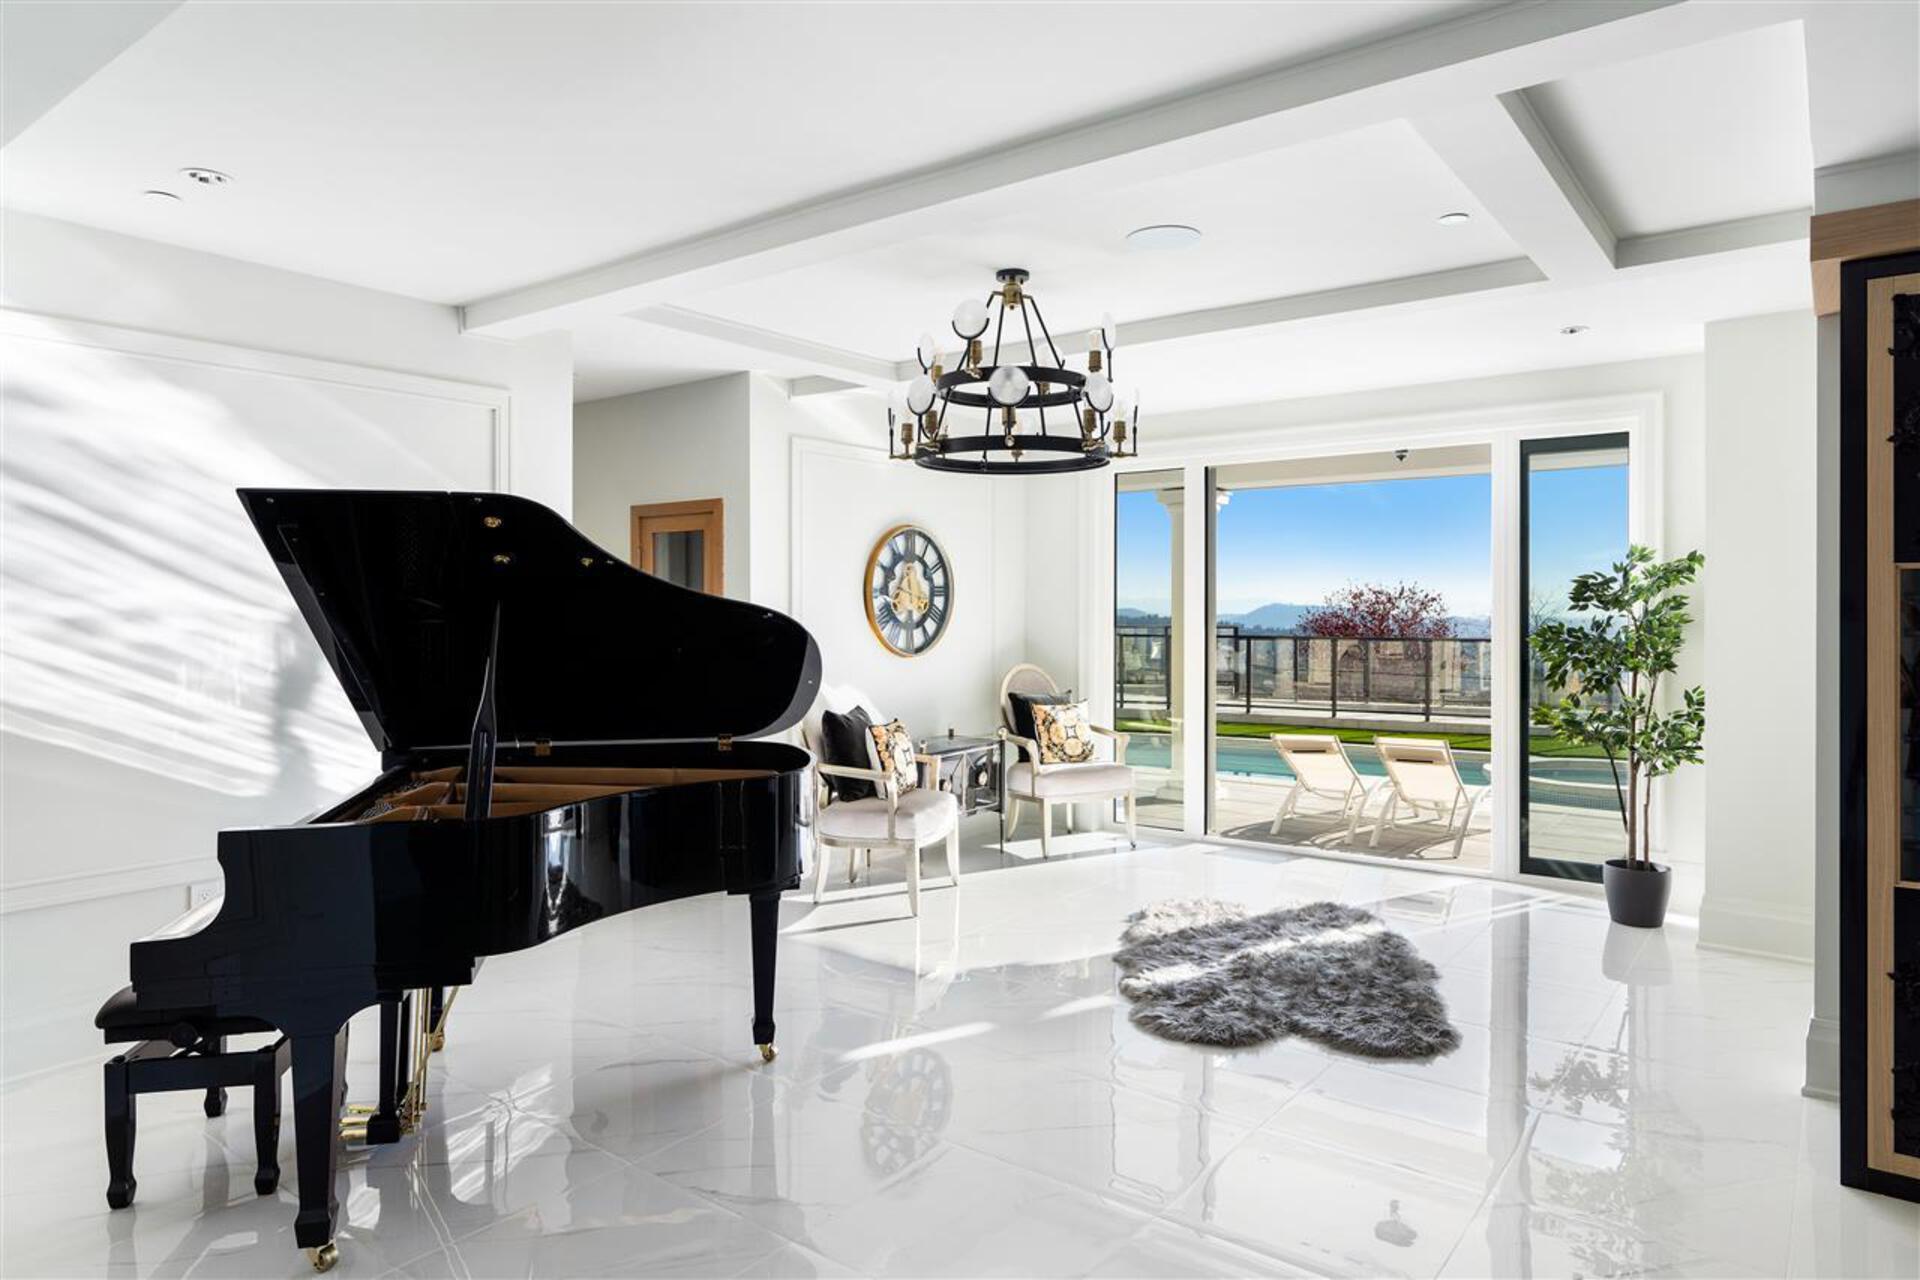 667-andover-crescent-british-properties-west-vancouver-10 at 667 Andover Crescent, British Properties, West Vancouver